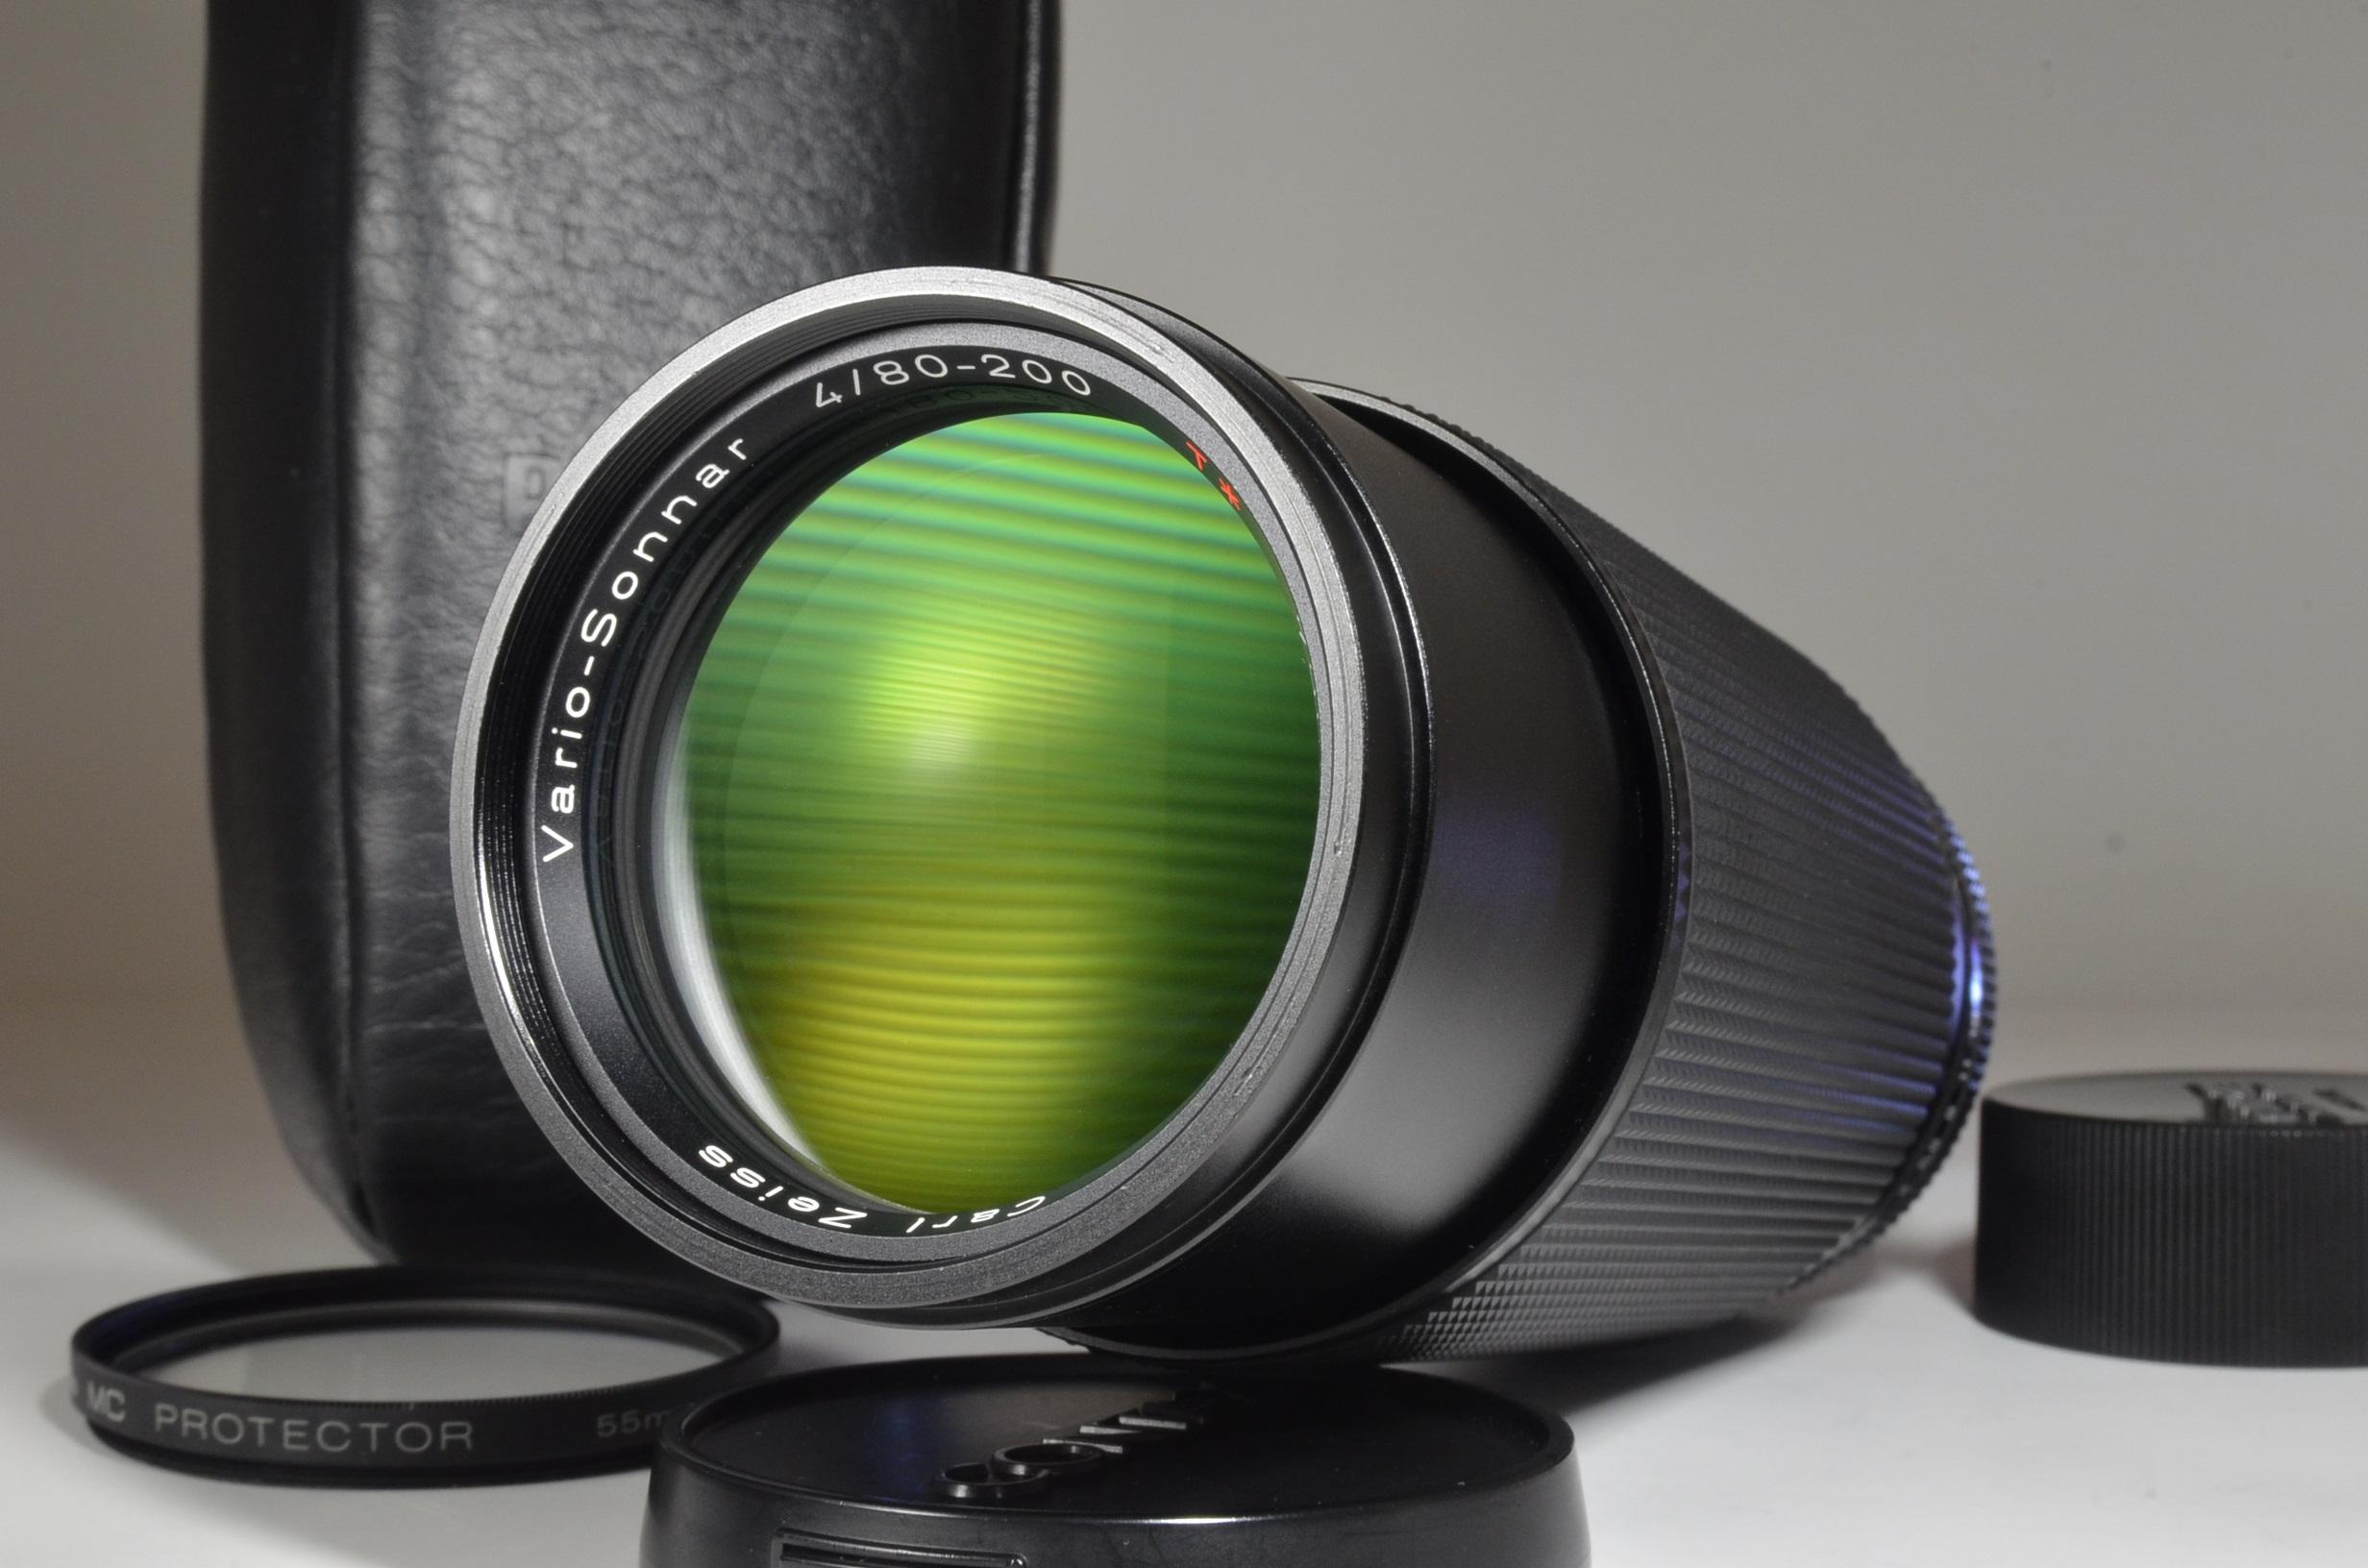 contax carl zeiss t* vario-sonnar 80-200mm f/4 mmj lens